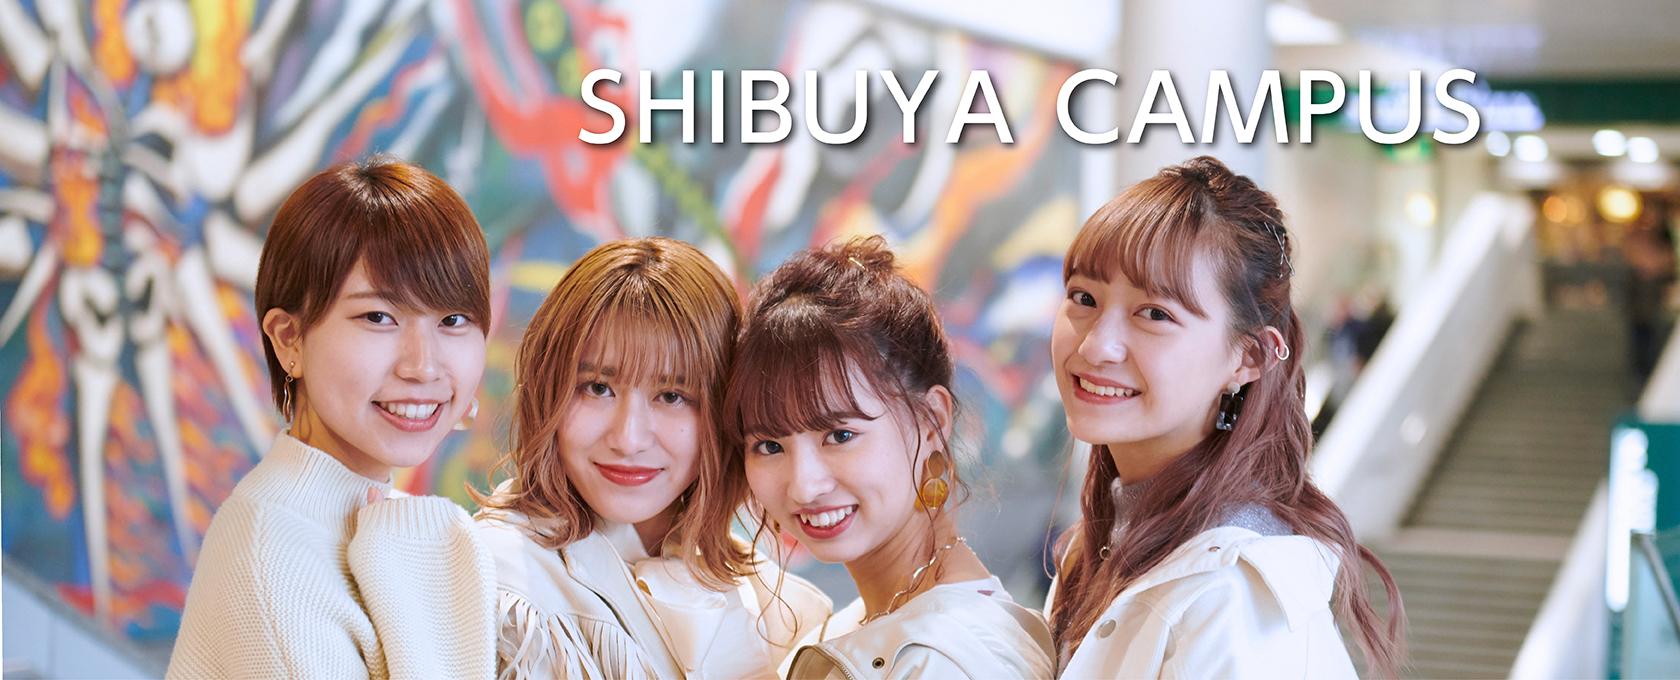 東京の美容専門学校:国際文化理容美容専門学校の渋谷キャンパス2020 秋冬